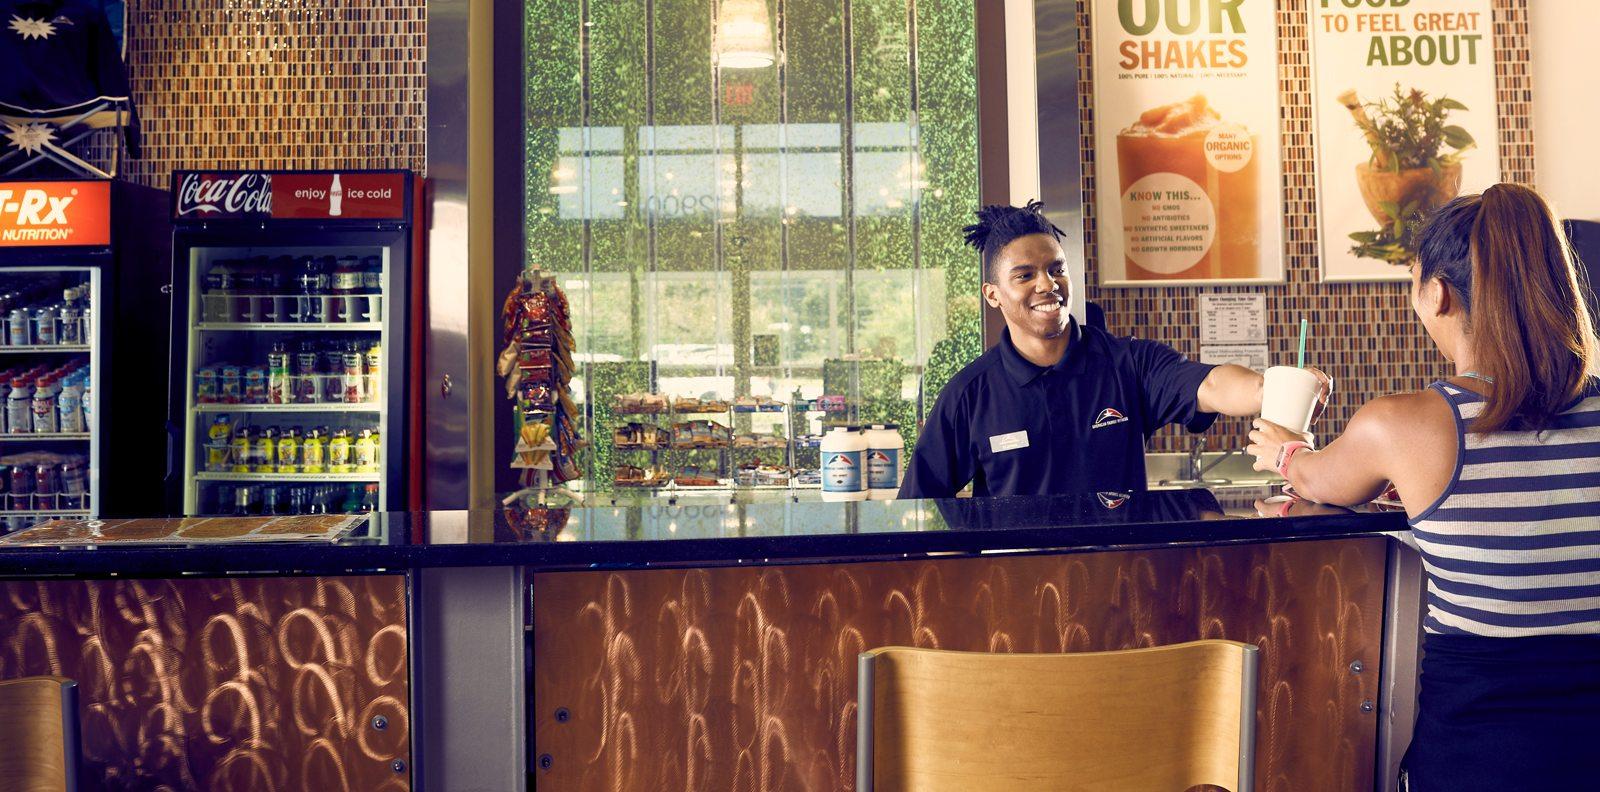 Image result for best café near me